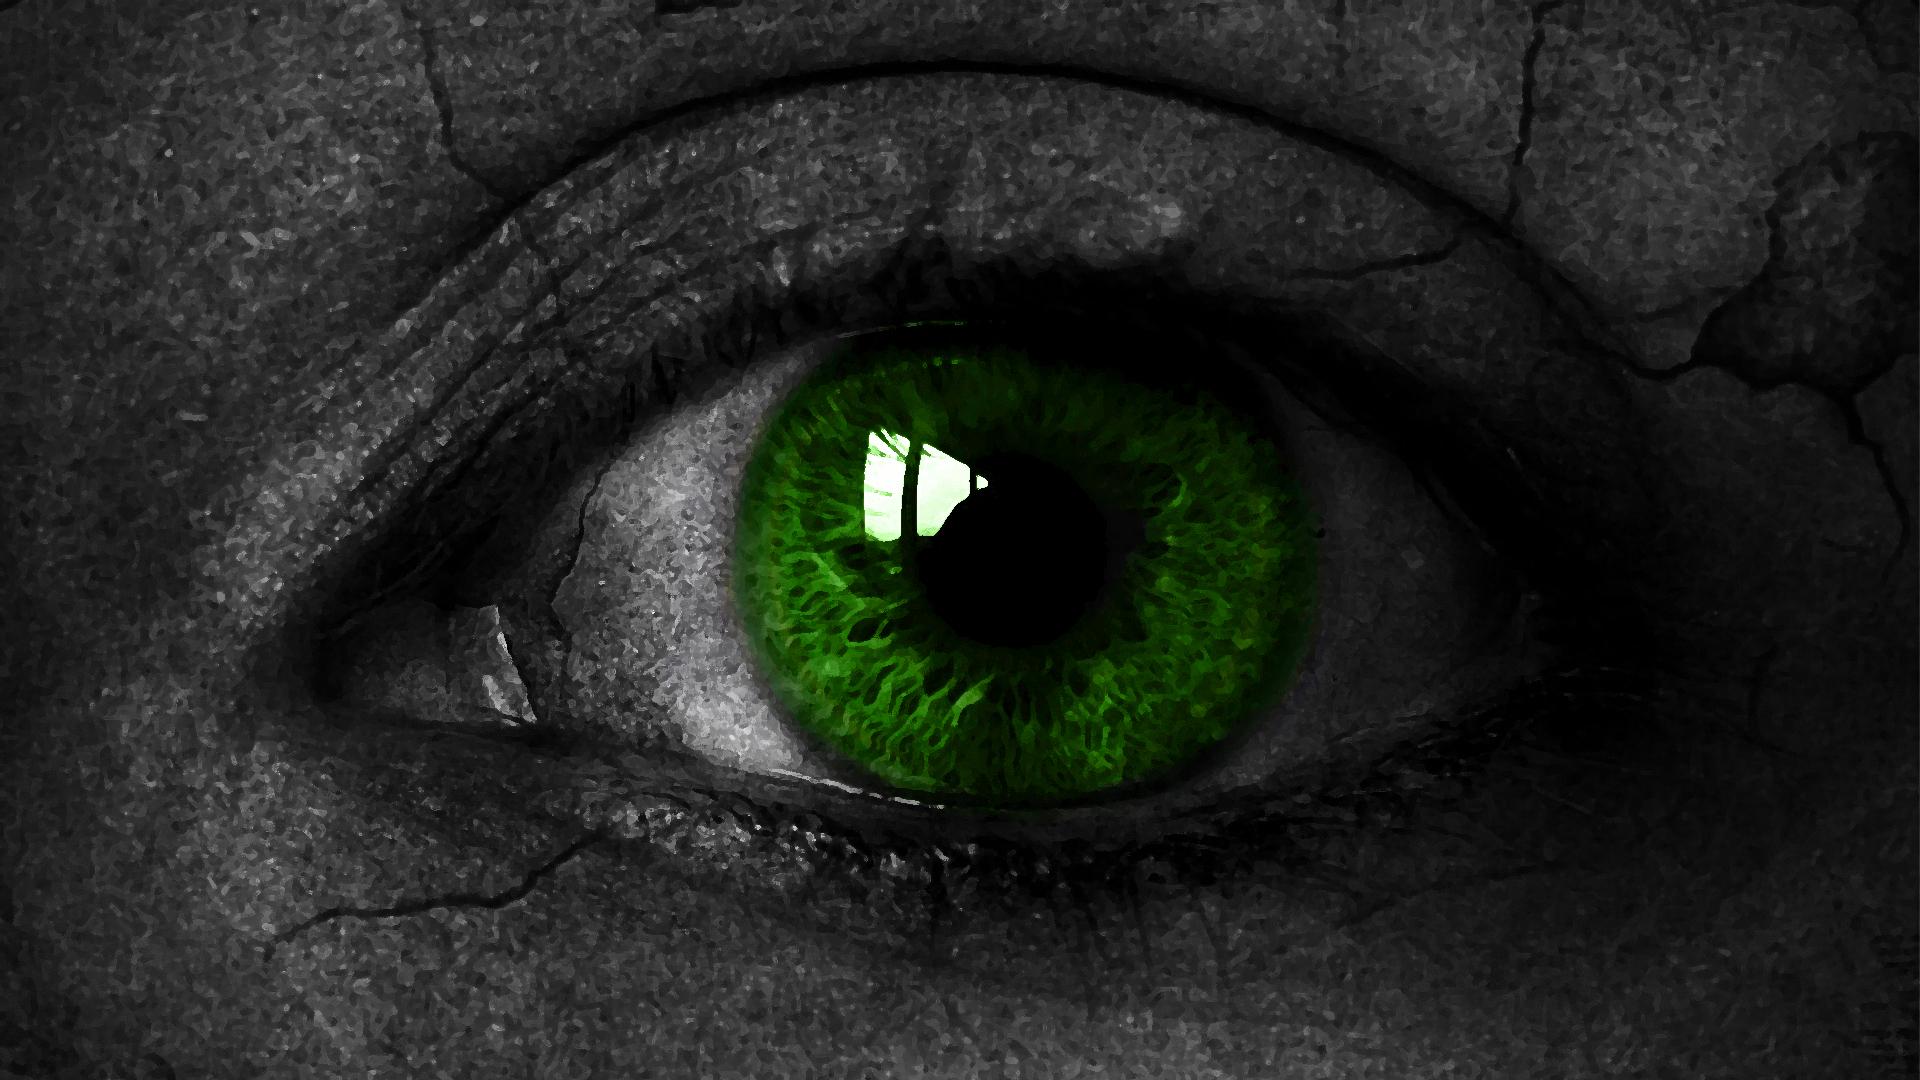 нежные самые лучшие картинки глаза на фоне предотвратить